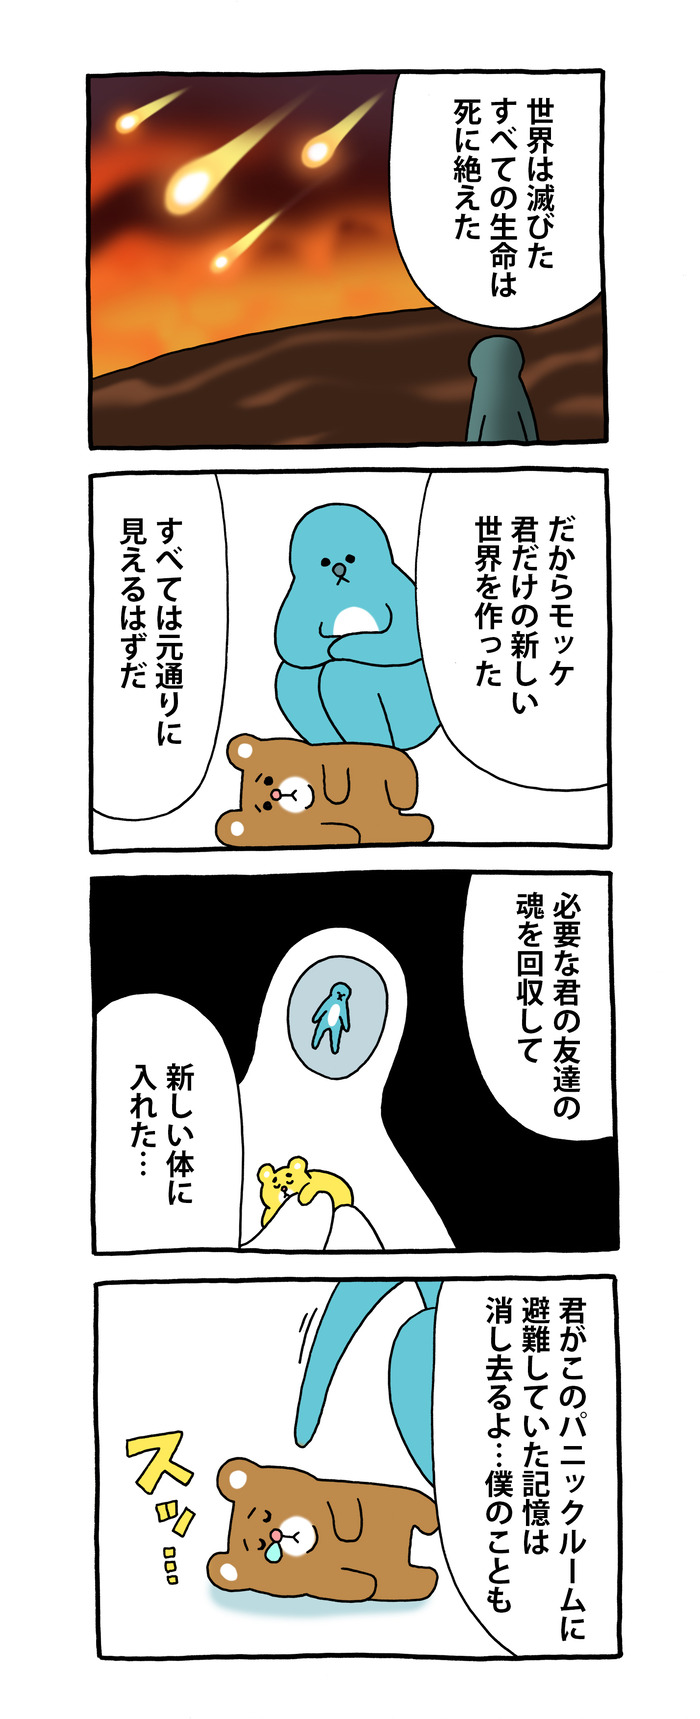 モッケの災難2-9 のコピー